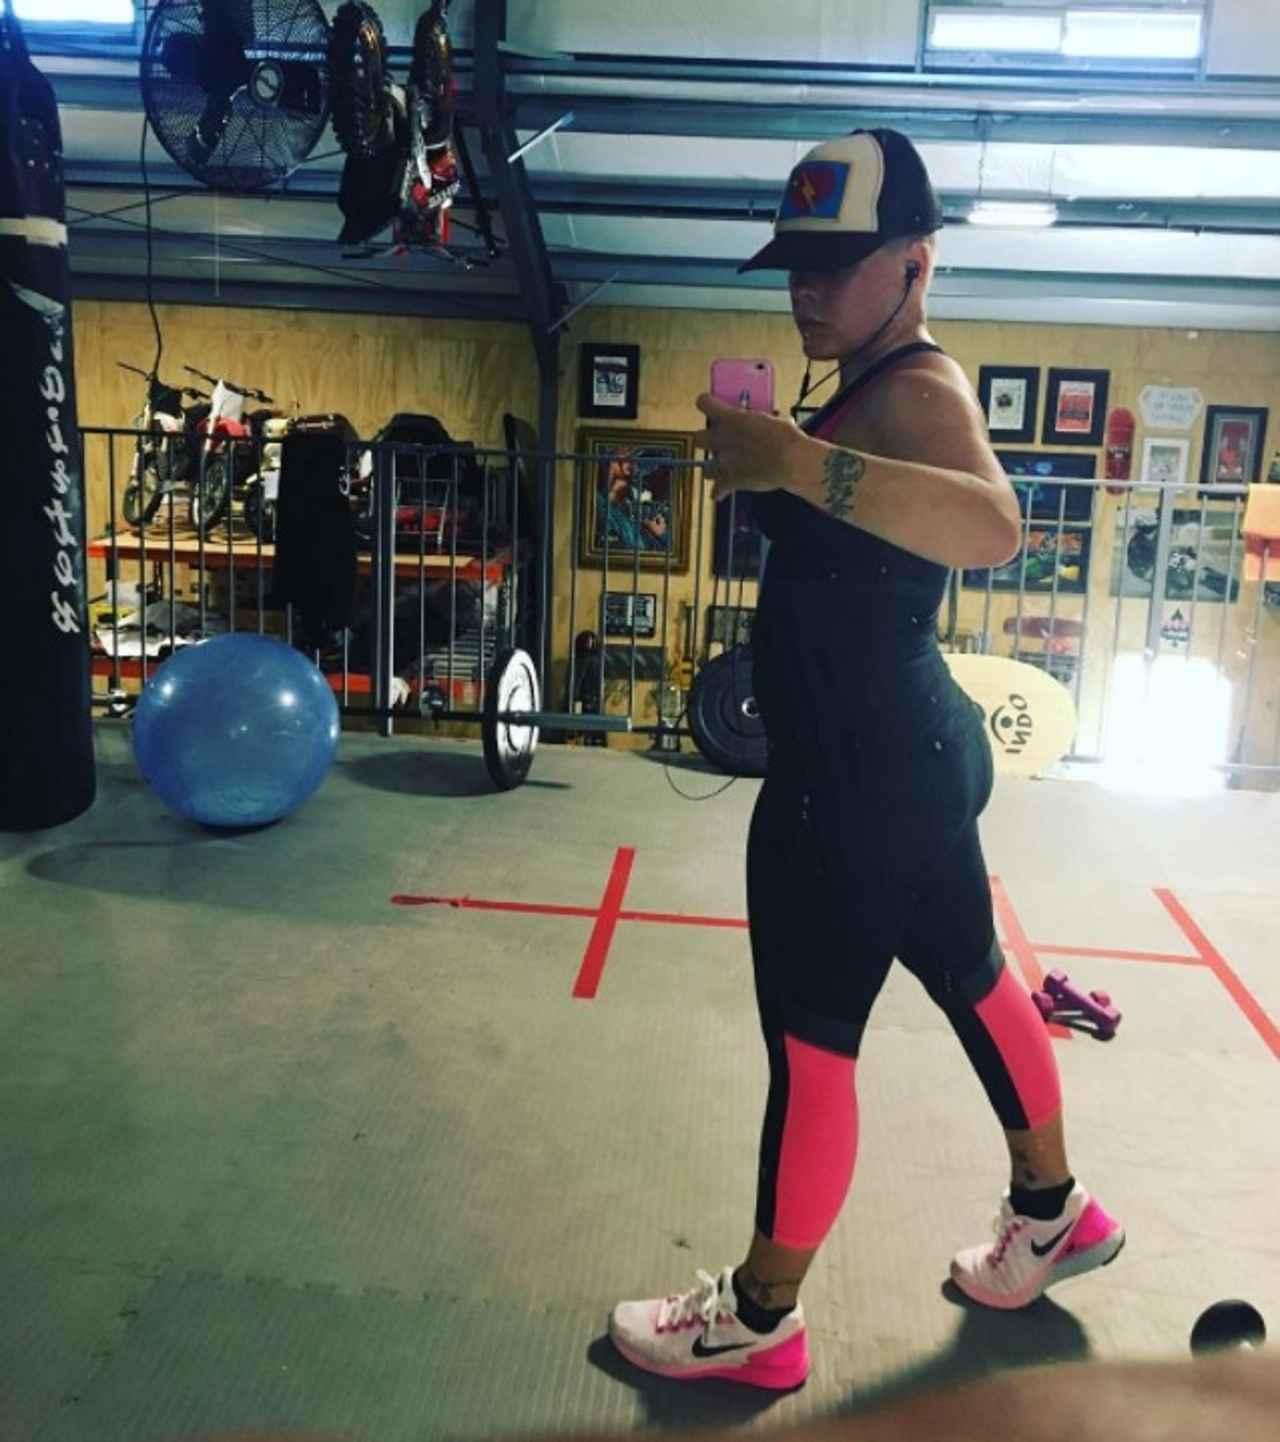 画像: インスタグラムを通じて「女性のみんな、体重計から距離を置くのよ!」と、体重ばかりを追うのではなく、自分自身が心地いいと思える体形を目指そうと呼びかけたことも。©Pink/ Instagram